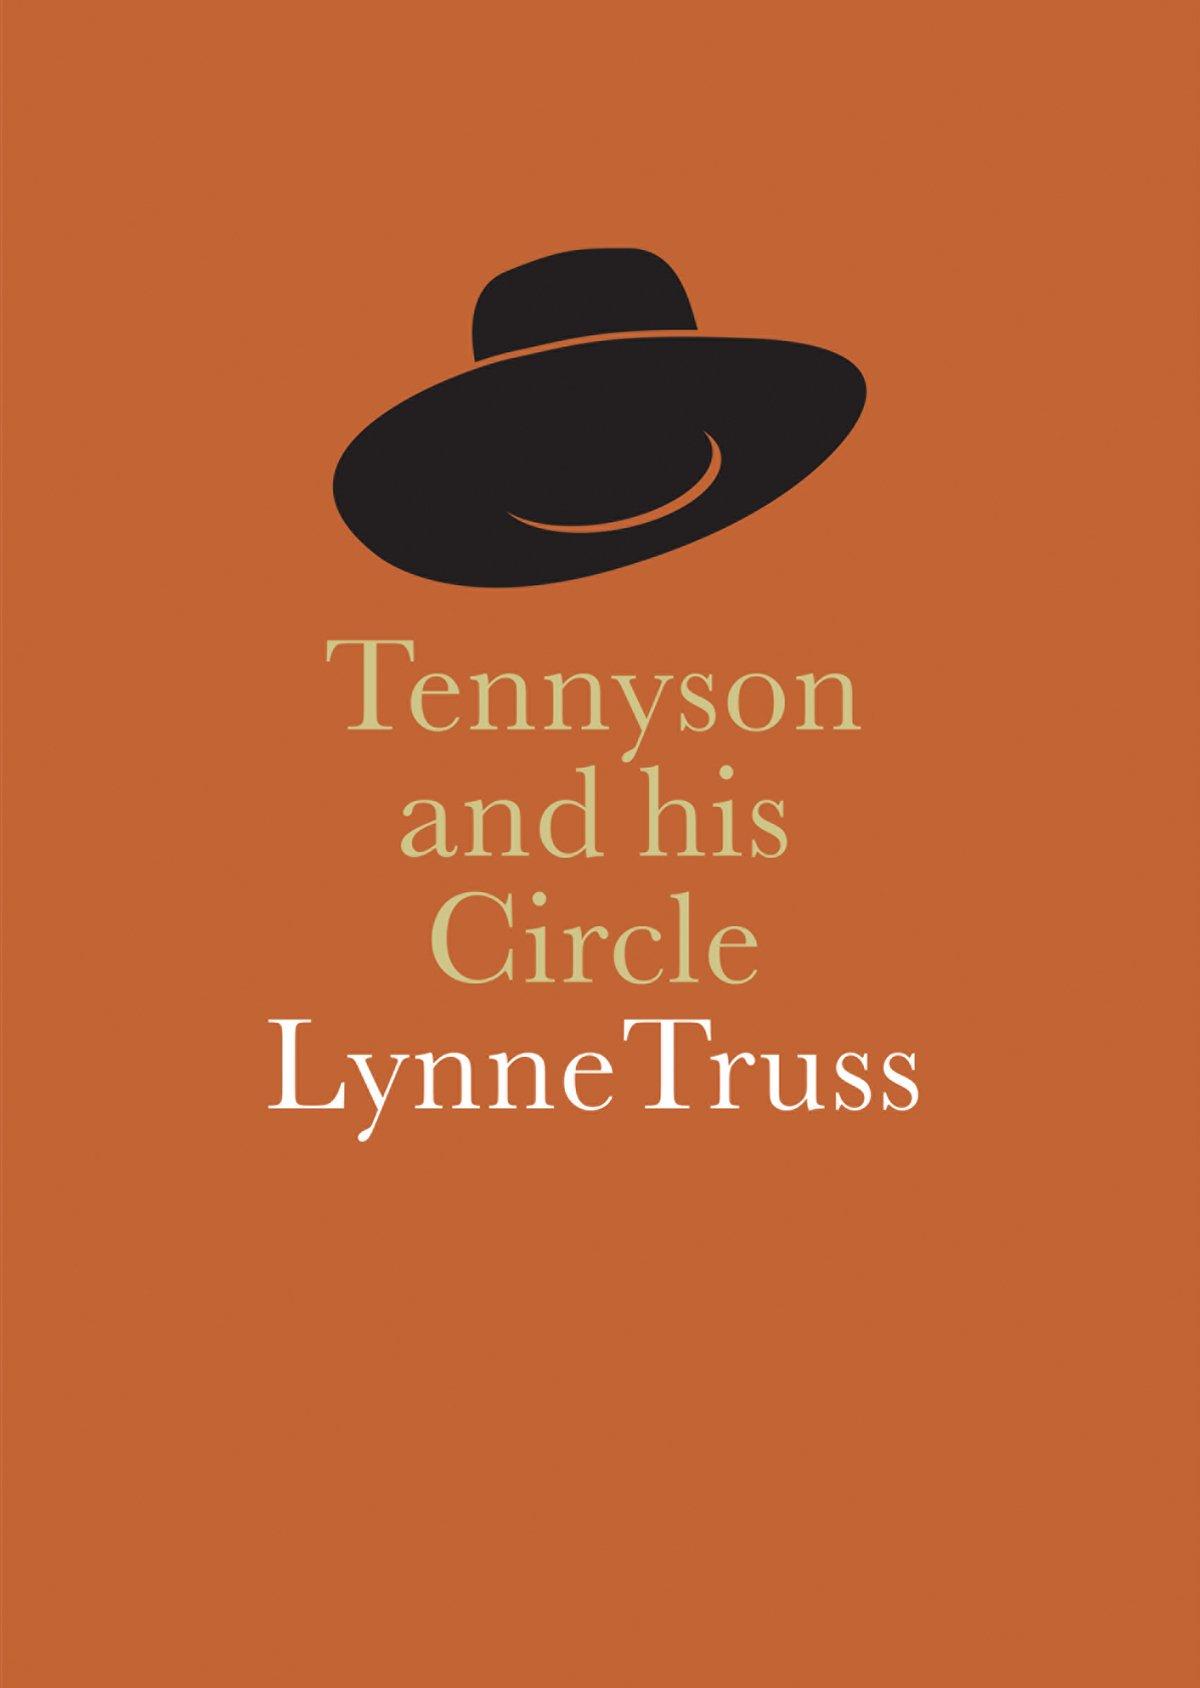 Tennyson and his Circle